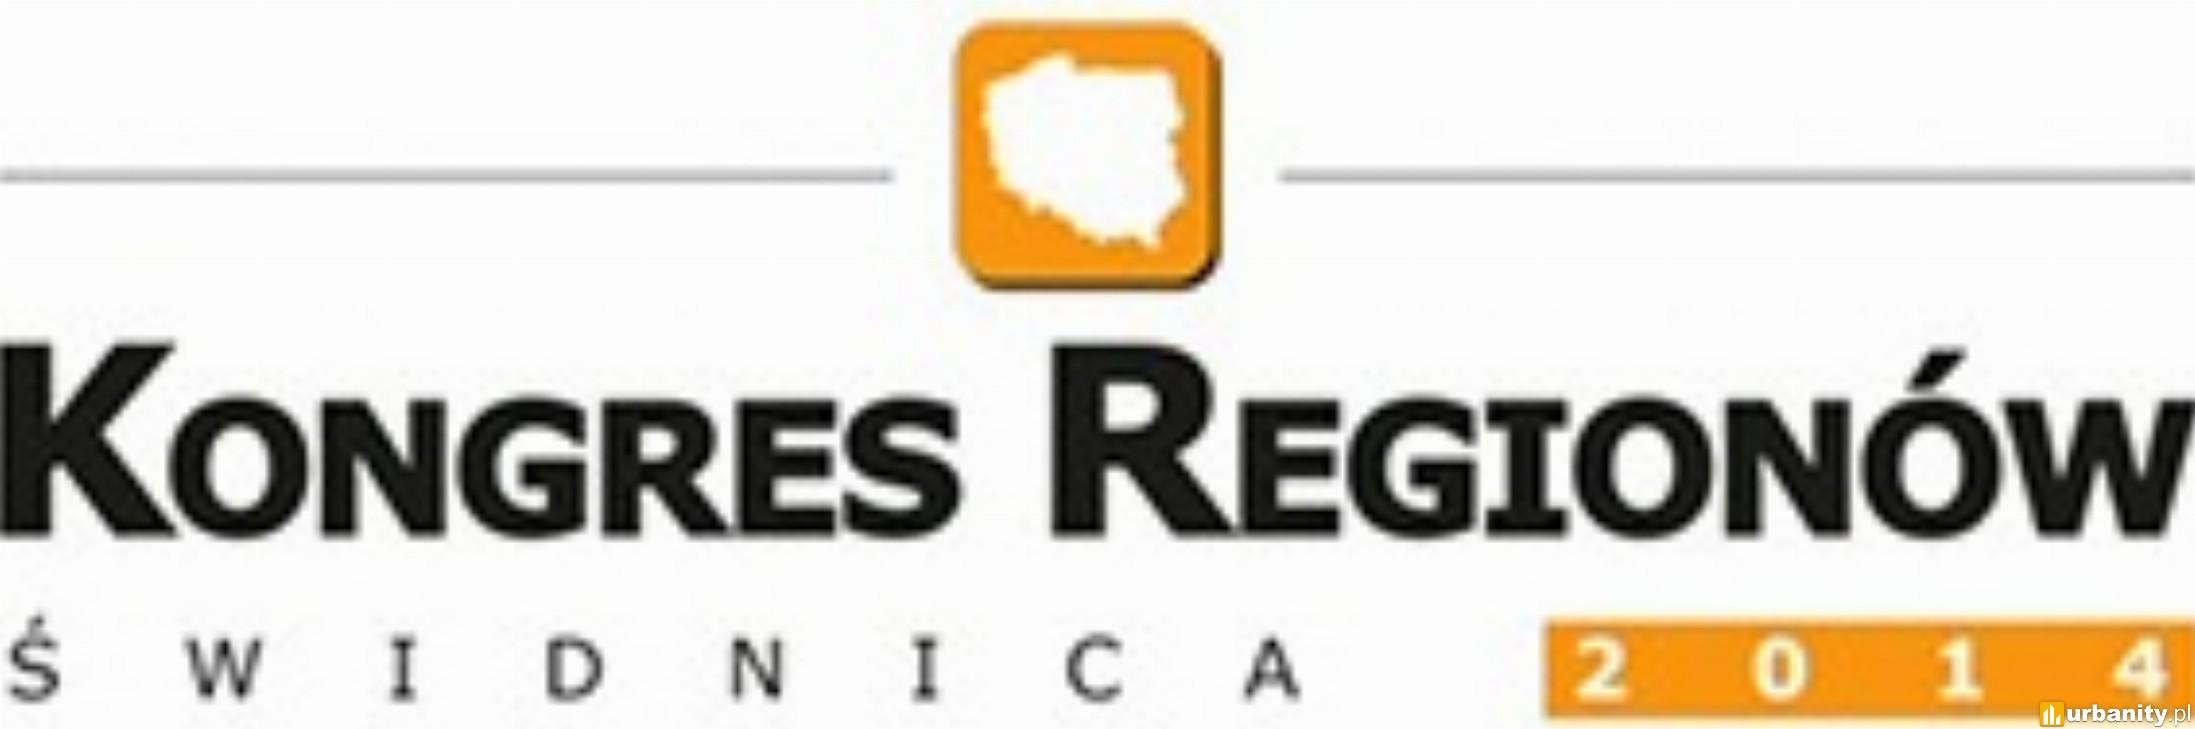 V Ogólnopolski Kongres Regionów w Świdnicy: 10-12 czerwca 2014